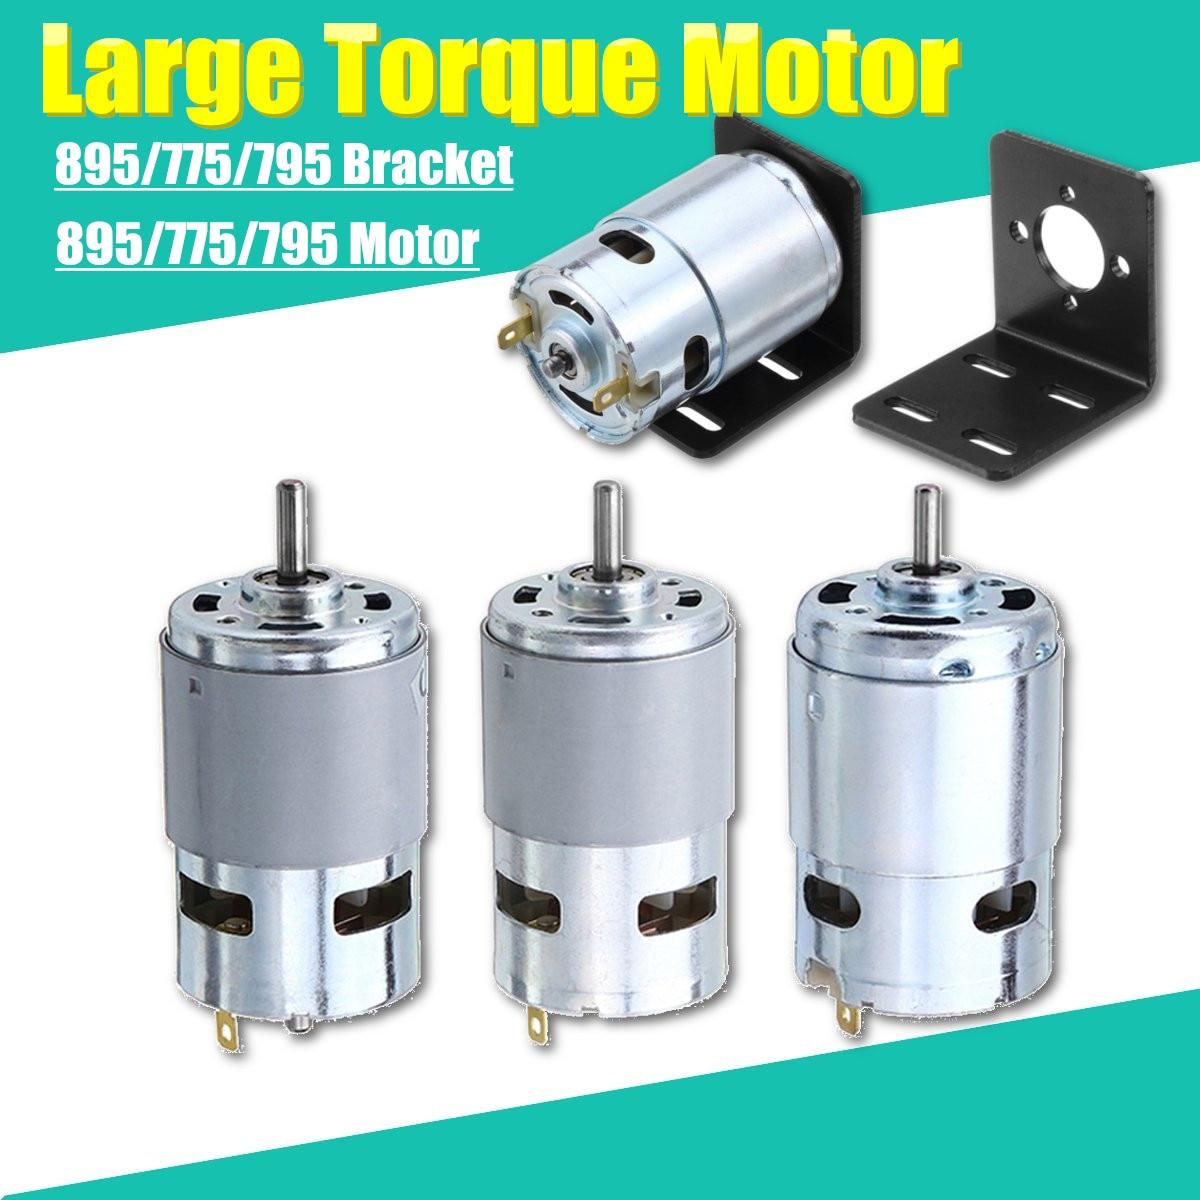 775 795 895 Motor Bracket / Gear Motor DC 12V-24V 3000-12000RPM Motor Large Torque Gear Motor